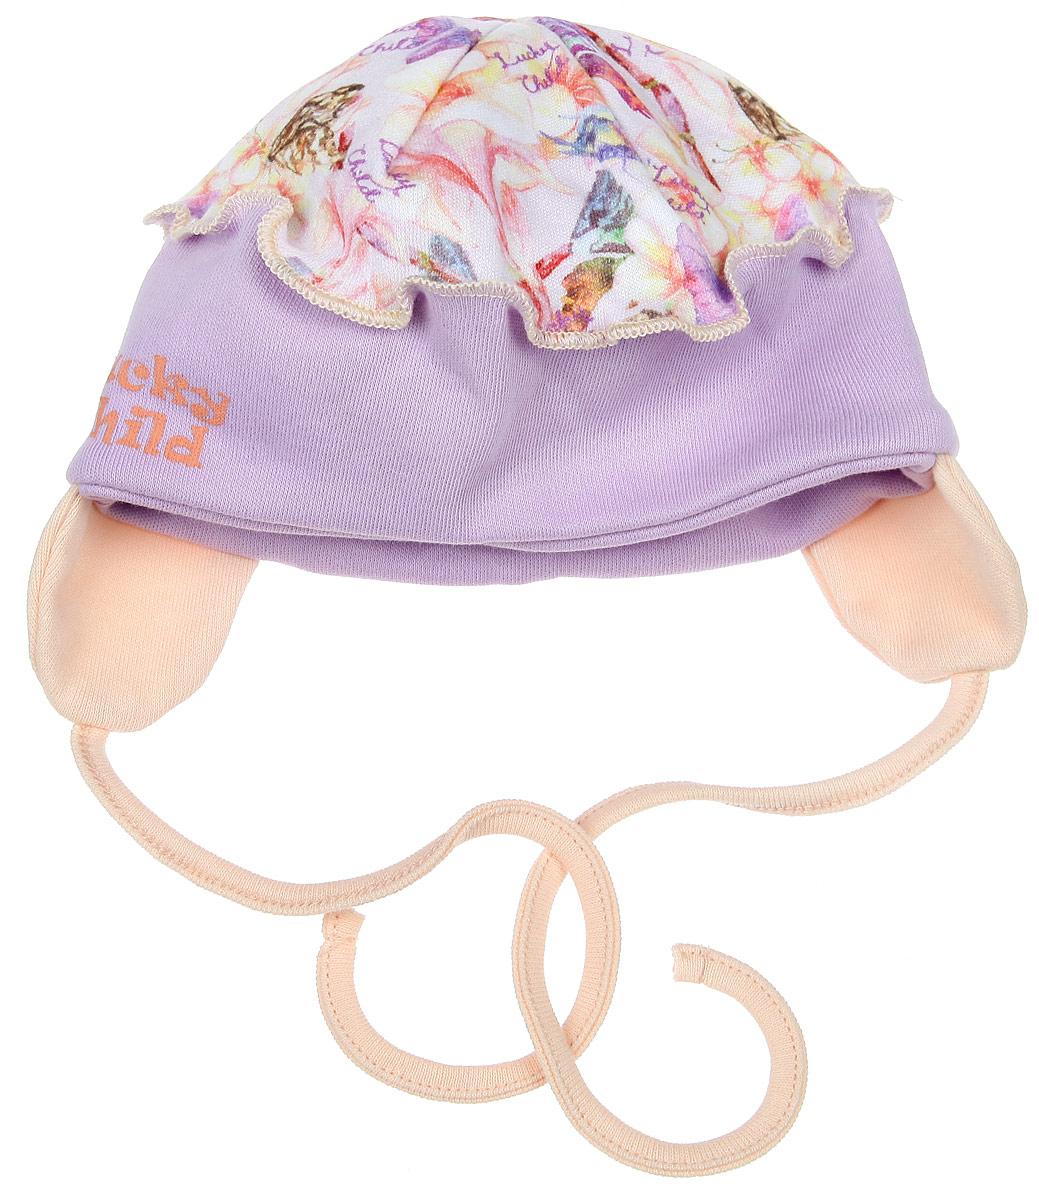 Шапочка26-92Шапочка для девочки Lucky Child защищает еще не заросший родничок от ветра и солнца. Изготовленная из натурального хлопка, она необычайно мягкая и легкая, не раздражает нежную кожу ребенка и хорошо вентилируется. Плоские швы не мешают крохе и обеспечивают максимальный комфорт. Шапочка дополнена вставками контрастного цвета, фиксируется на голове малышки с помощью завязок. Модель оформлена милыми рюшами и надписью в виде логотипа производителя. Уважаемые клиенты! Обращаем ваше внимание на тот факт, что размер изделия, доступный для заказа, равен обхвату головы.